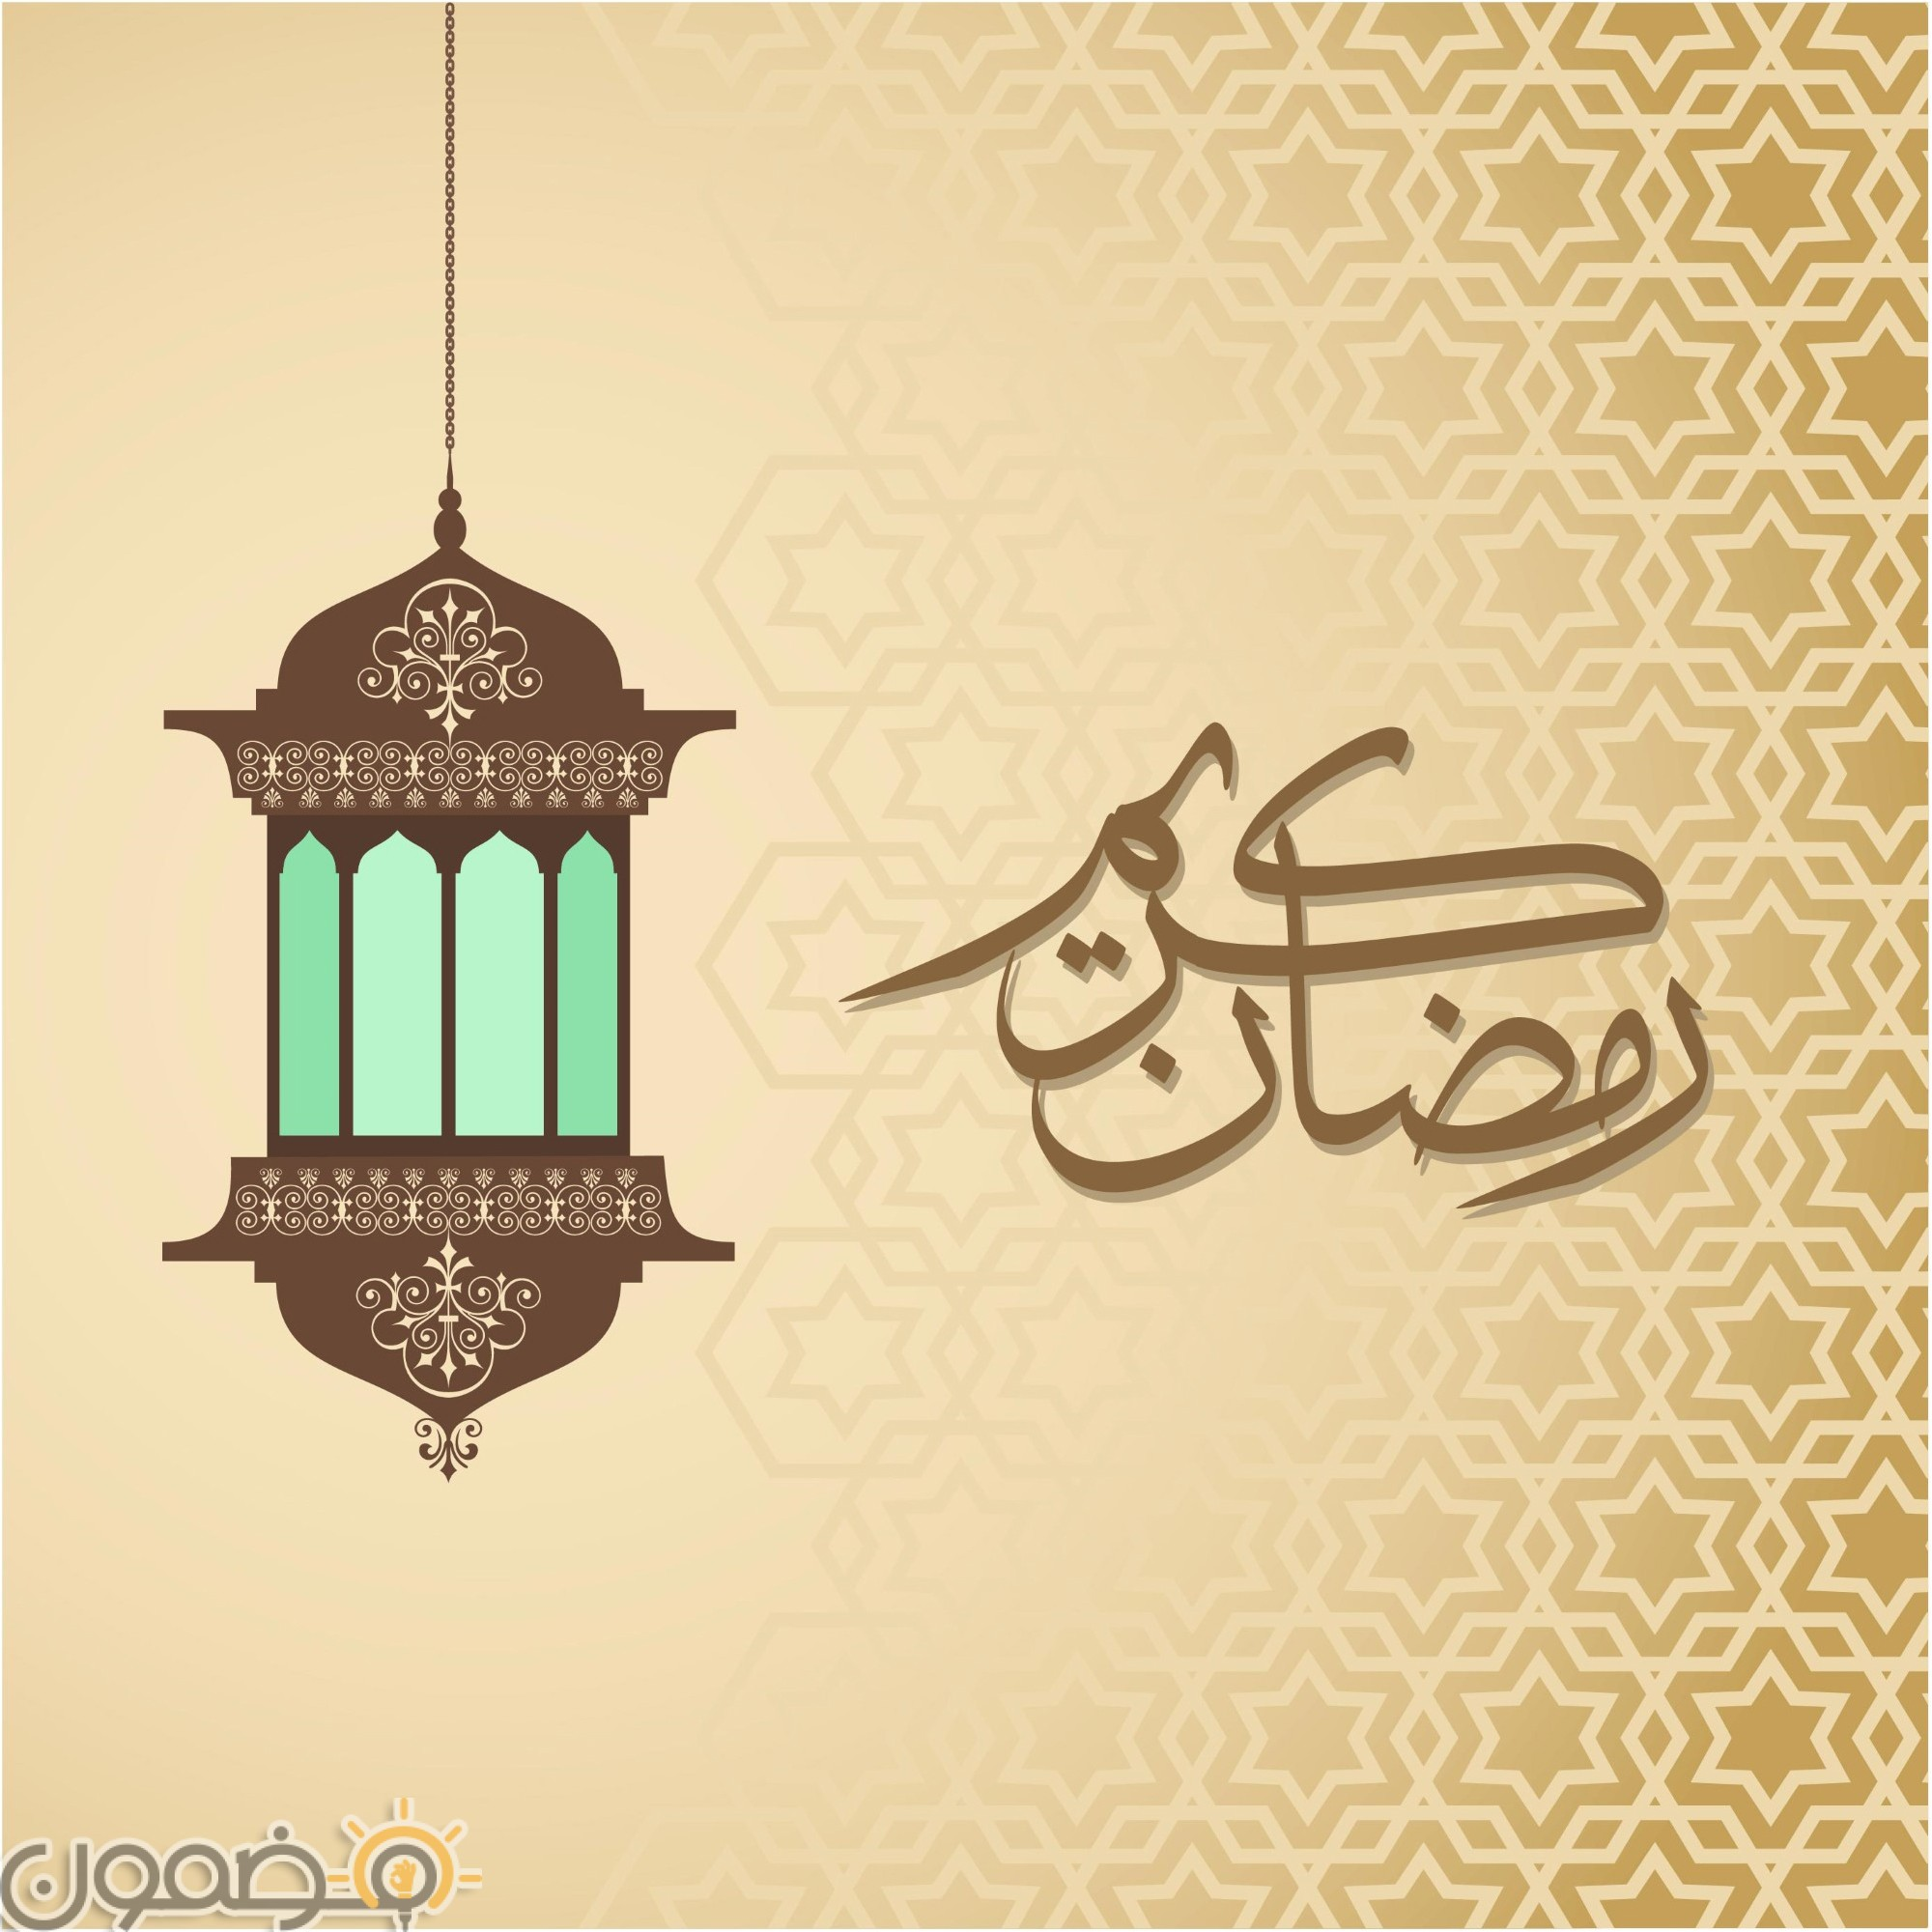 صور حالات رمضانية للواتس اب 8 صور حالات رمضانية للواتس اب